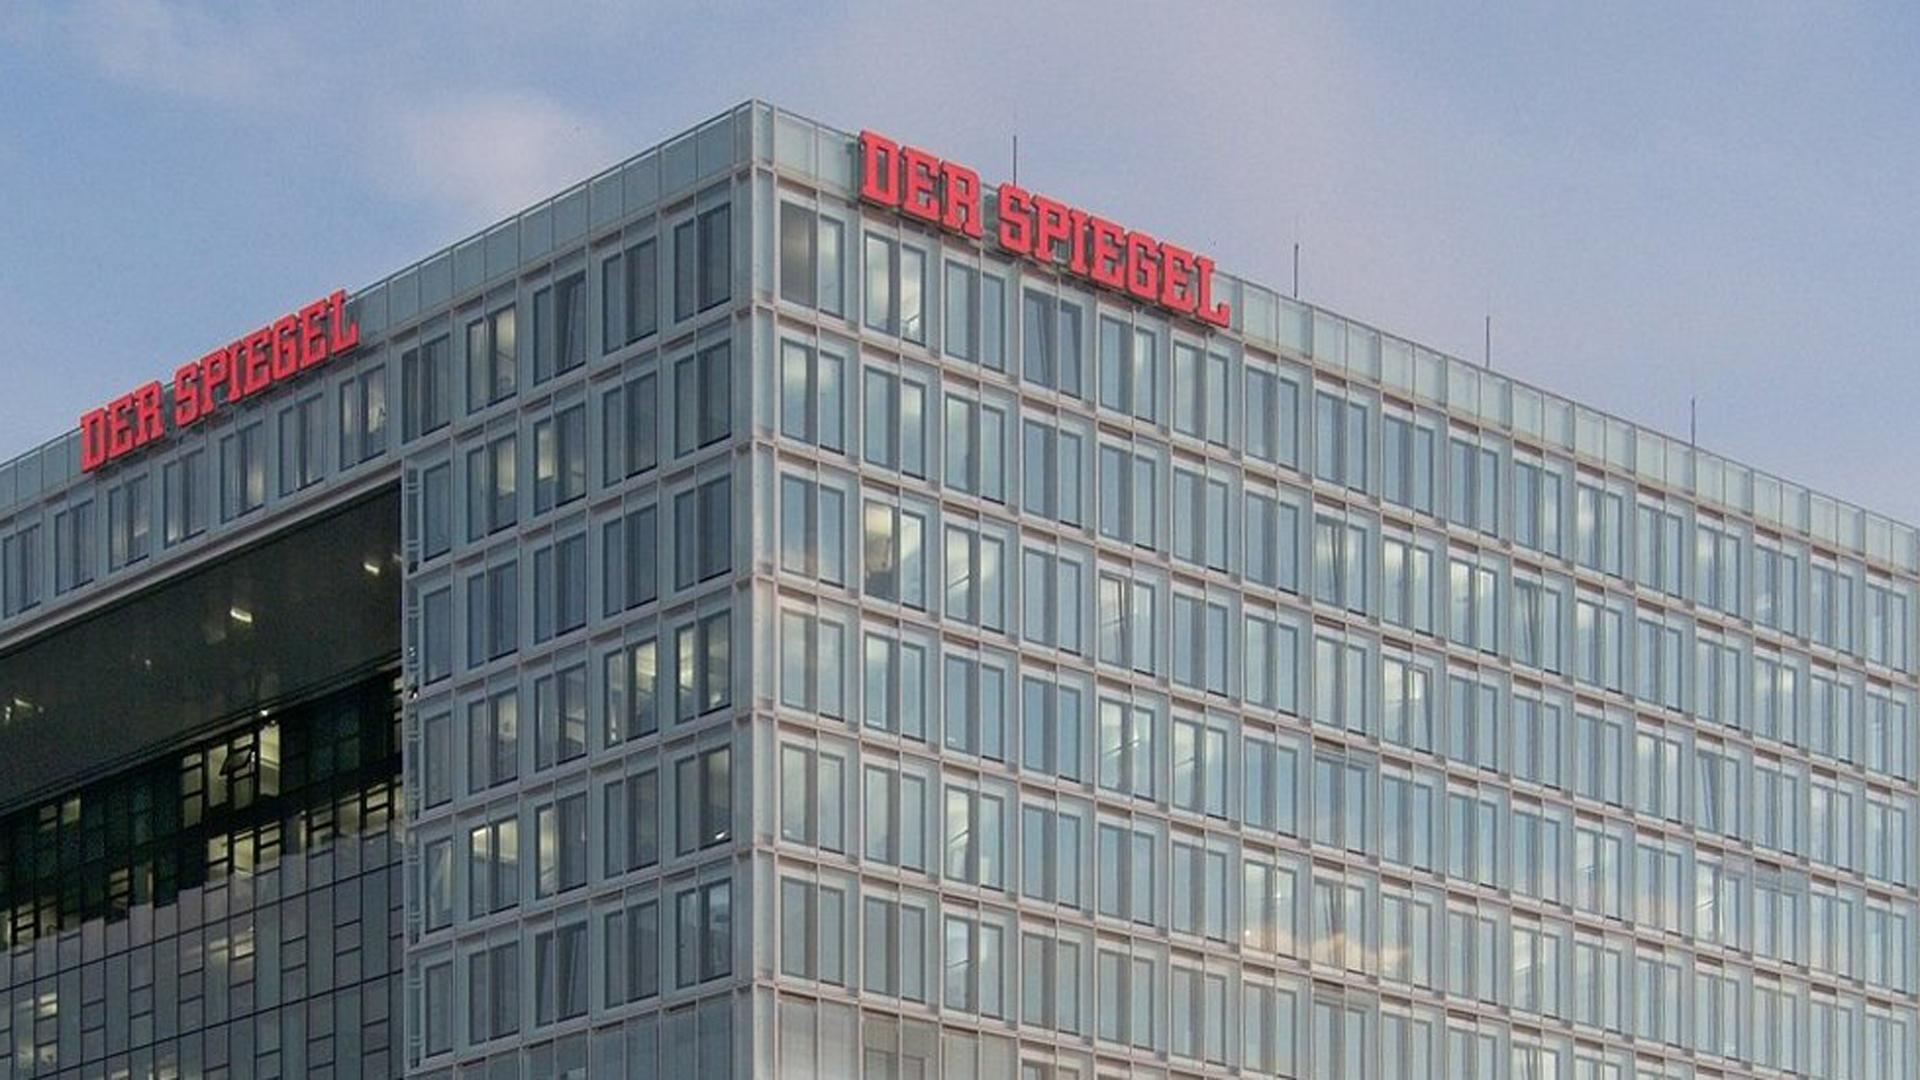 Das Nachrichtenmagazin Der Spiegel berichtet nicht immer neutral, kritisiert der Journalist Michael Voß